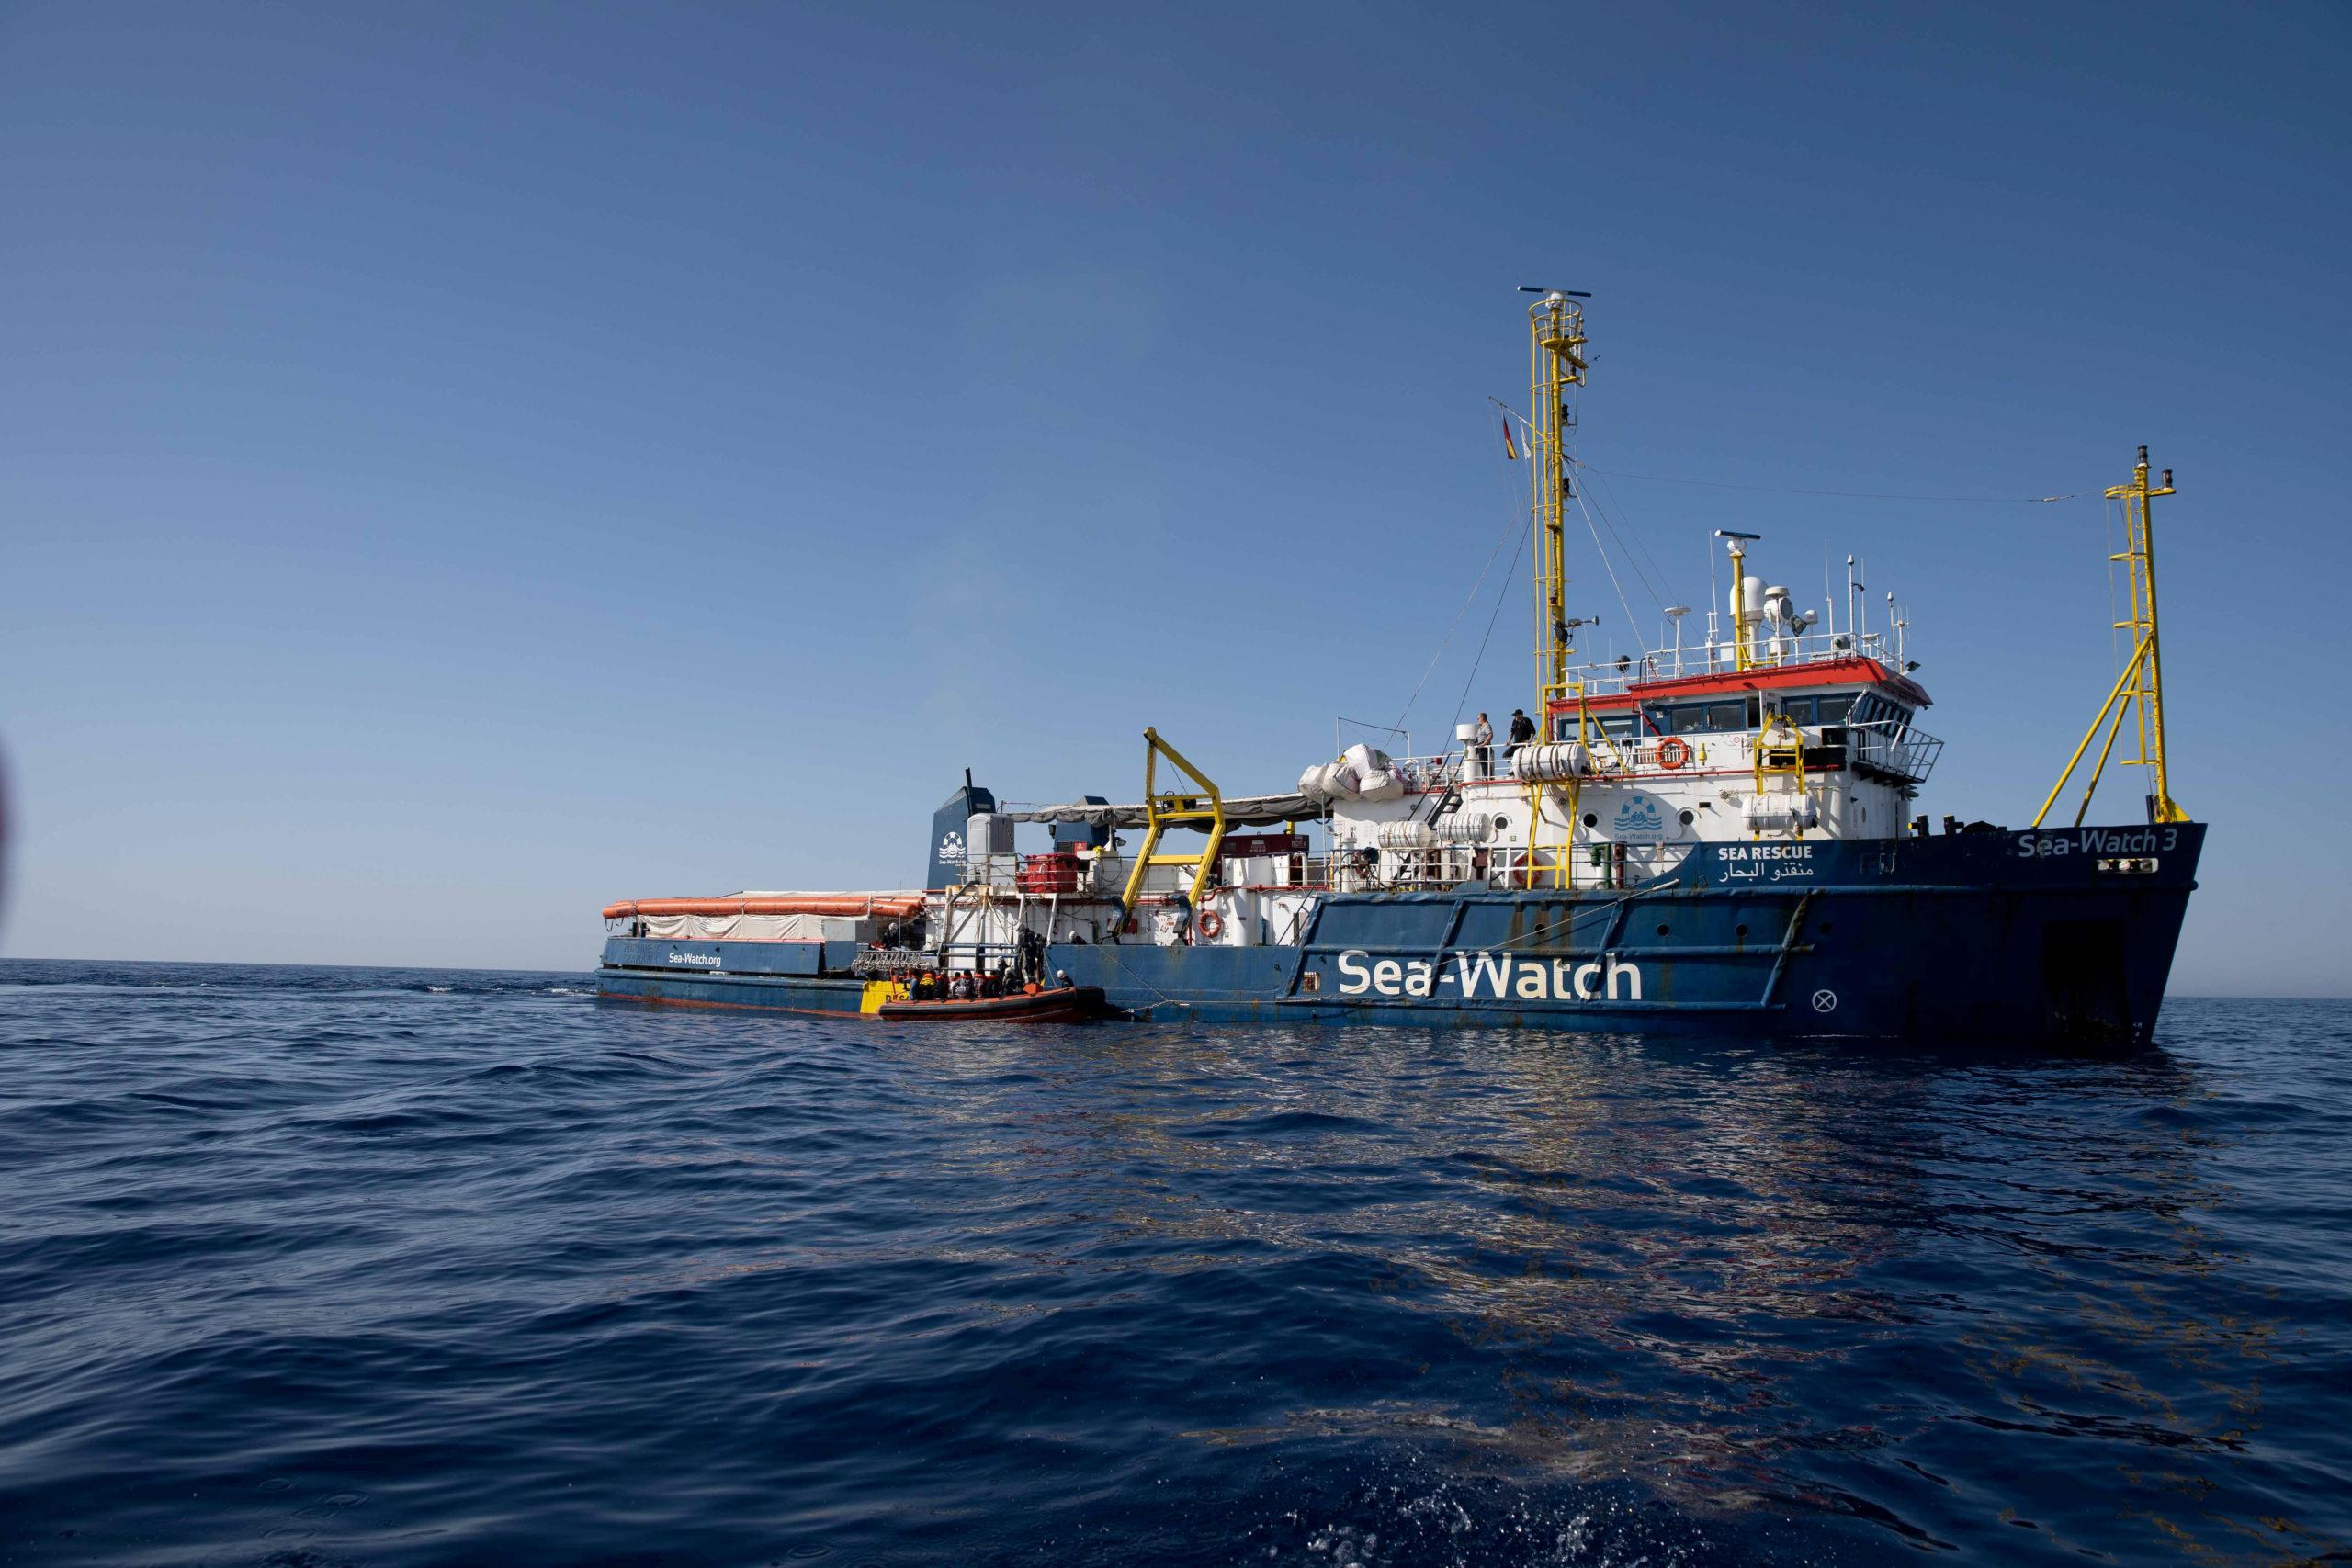 L'Italie immobilise un navire humanitaire pour des raisons de sécurité